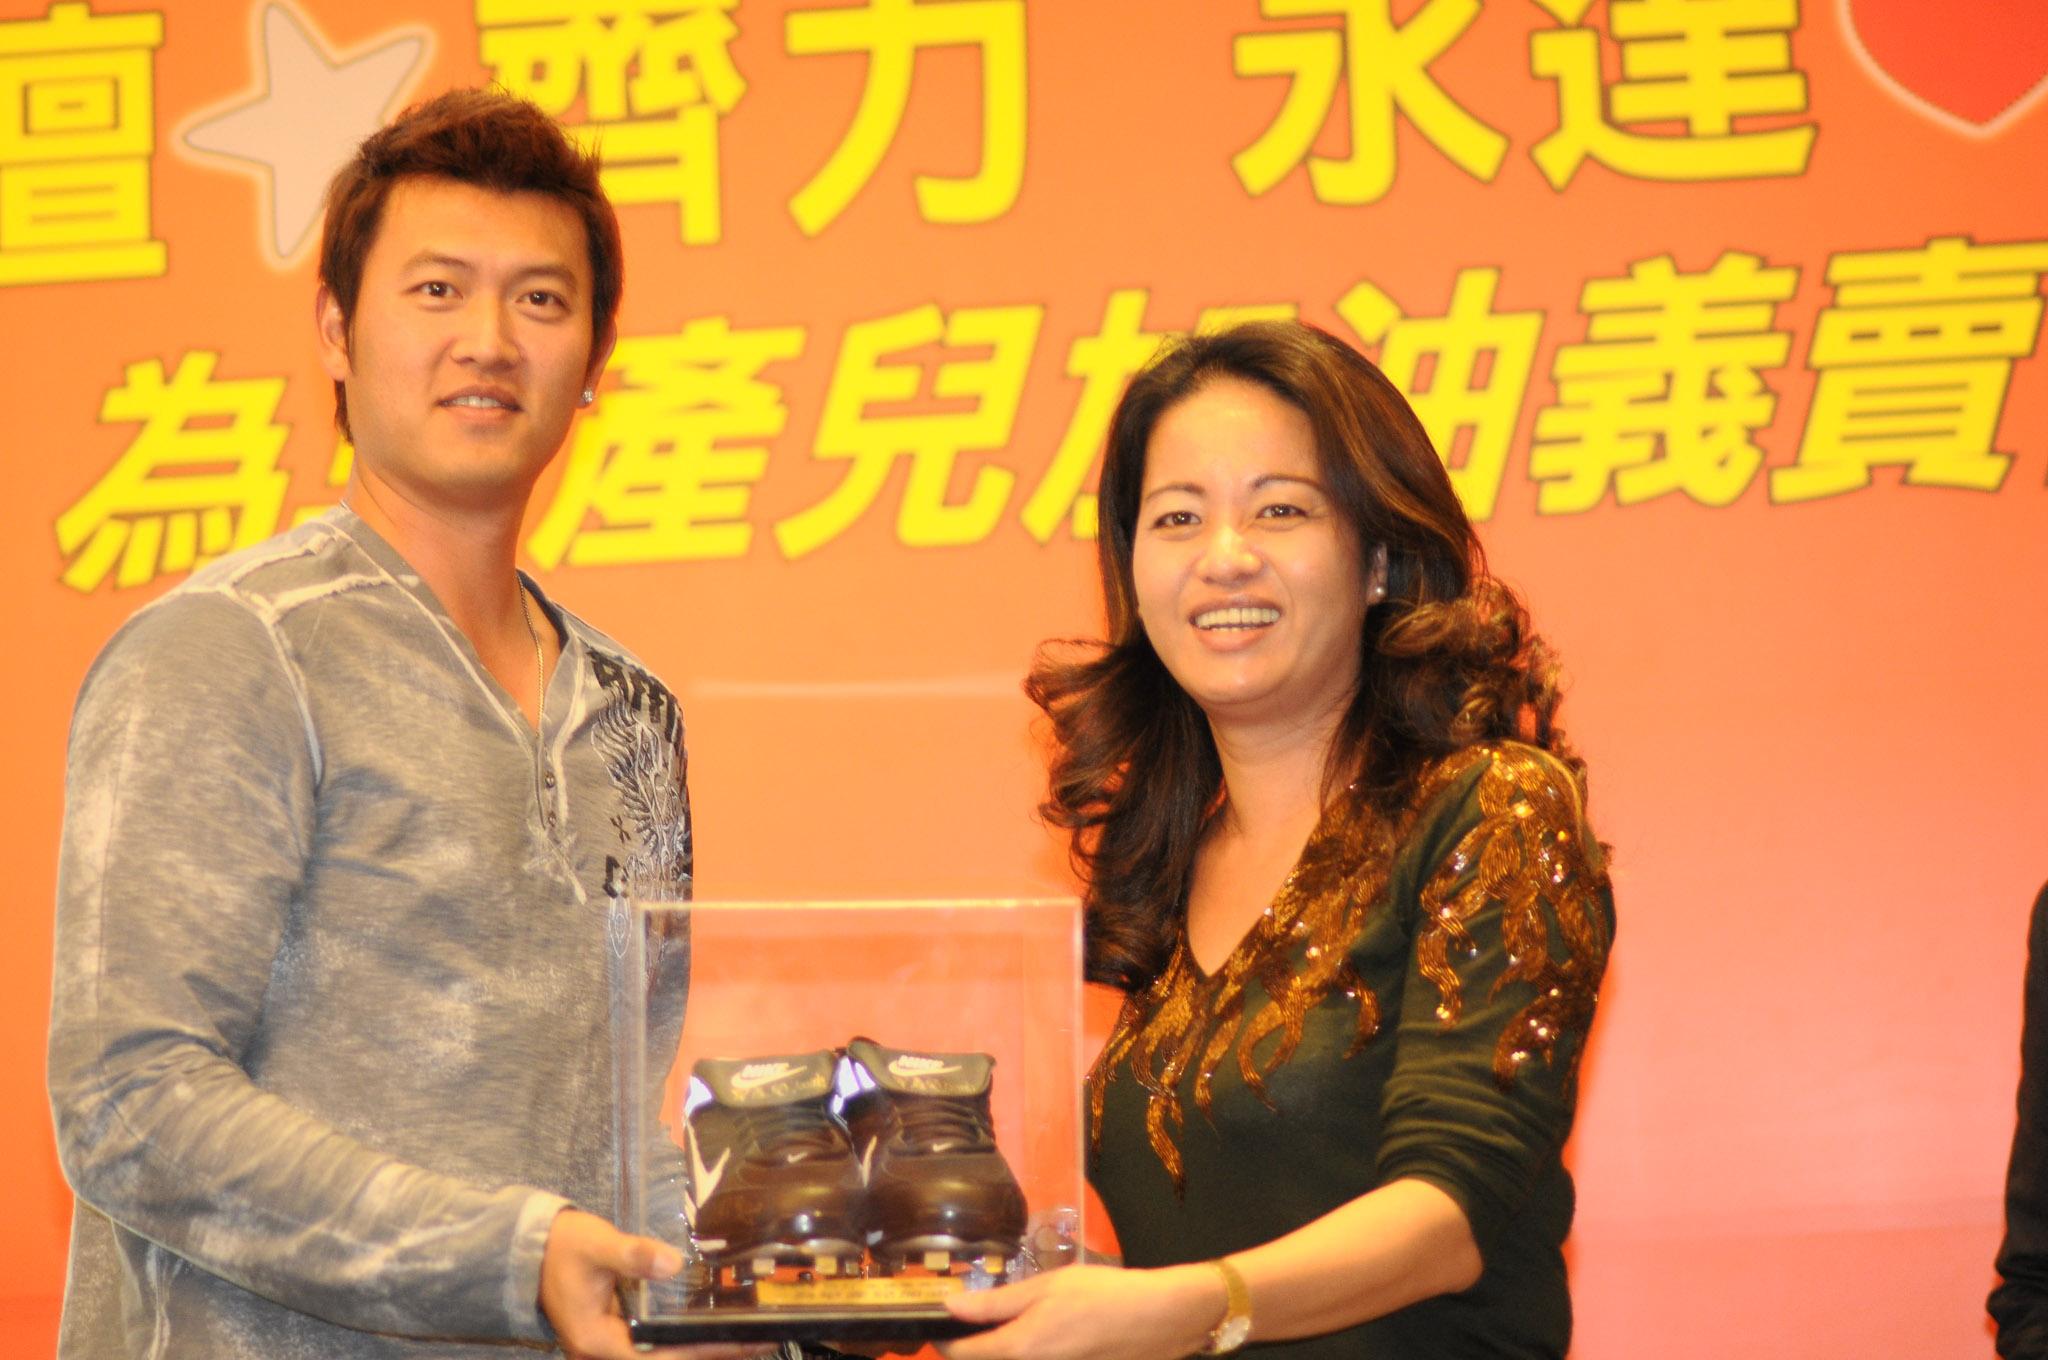 王建民(左)親筆簽名比賽釘鞋由永達保經李麗英副總(右)以12萬元得標。